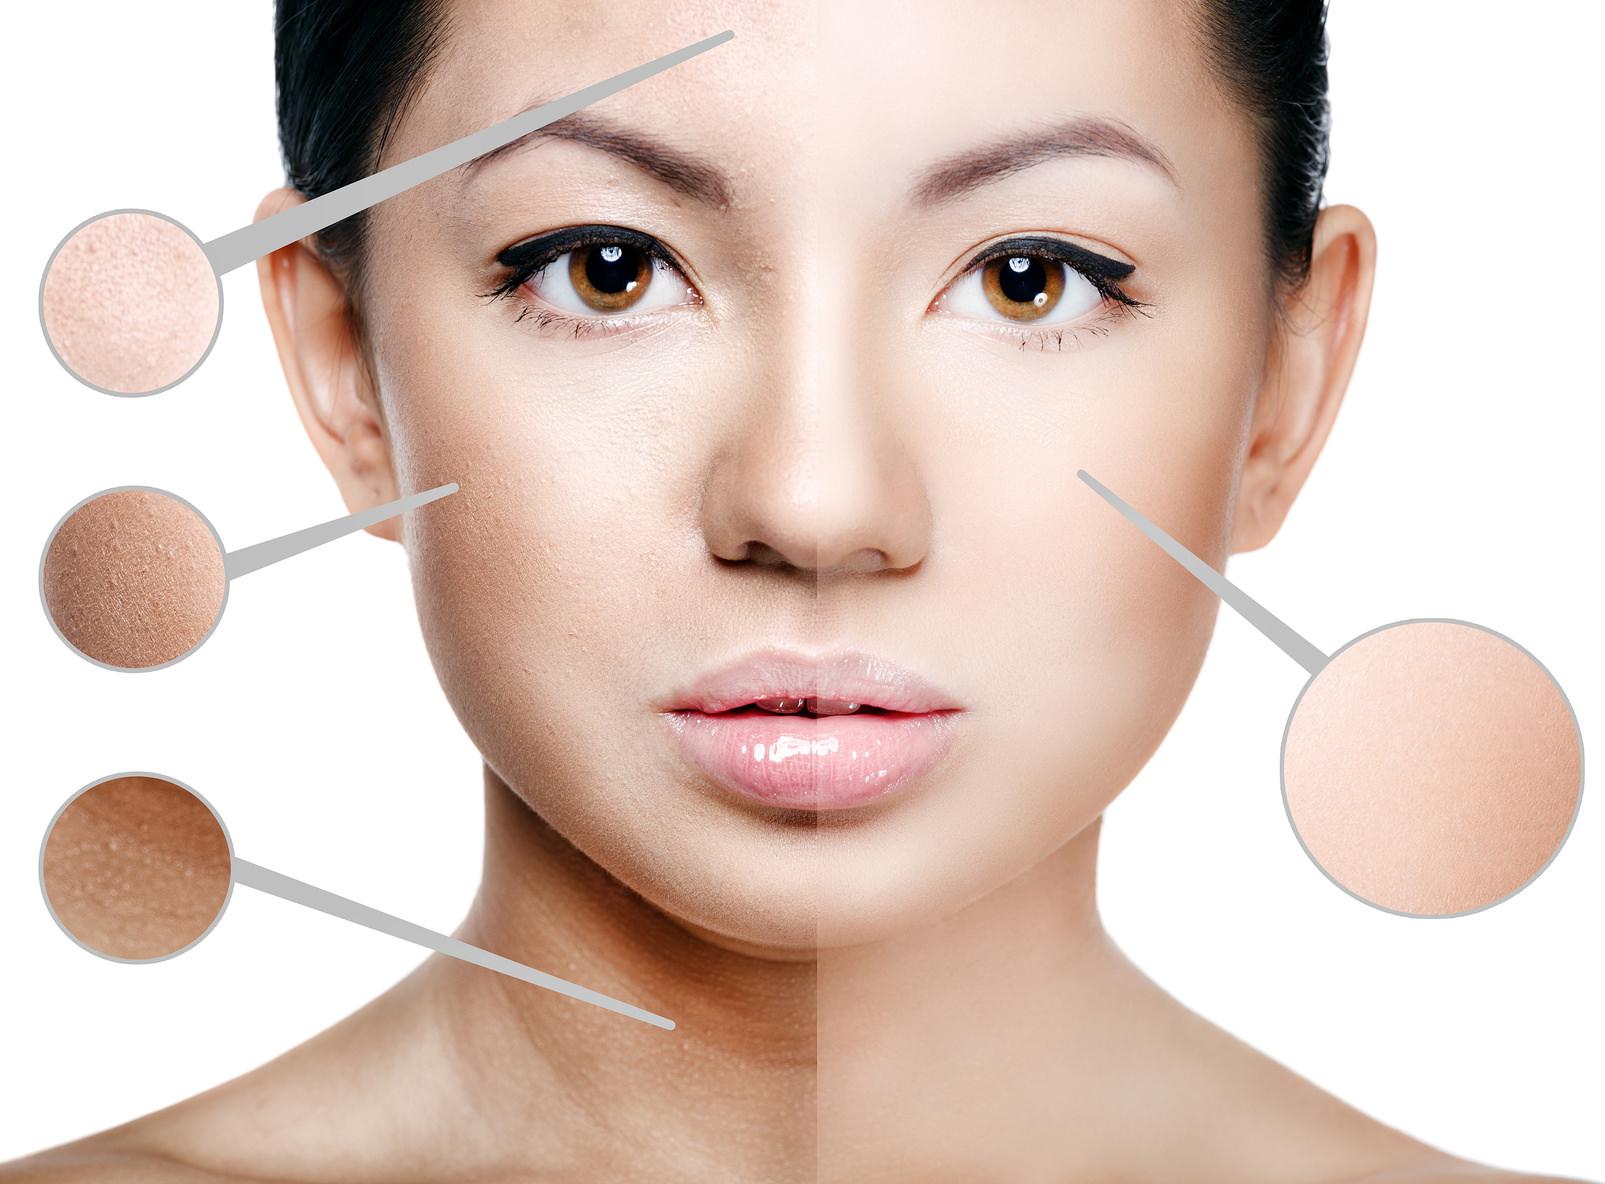 Beneficios rejuvenecimiento facial